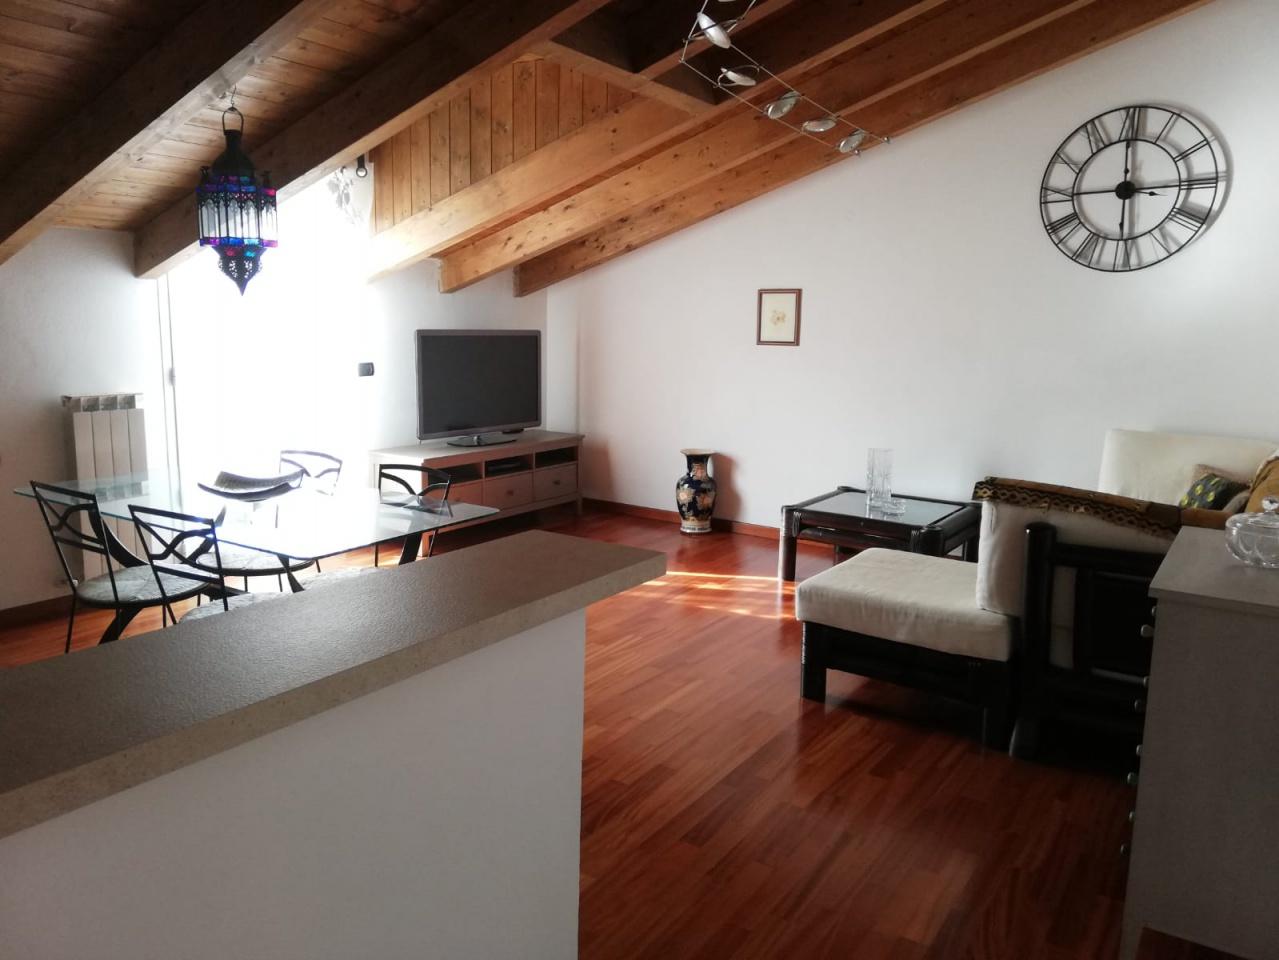 Appartamento in vendita a Casarza Ligure, 3 locali, prezzo € 155.000 | PortaleAgenzieImmobiliari.it